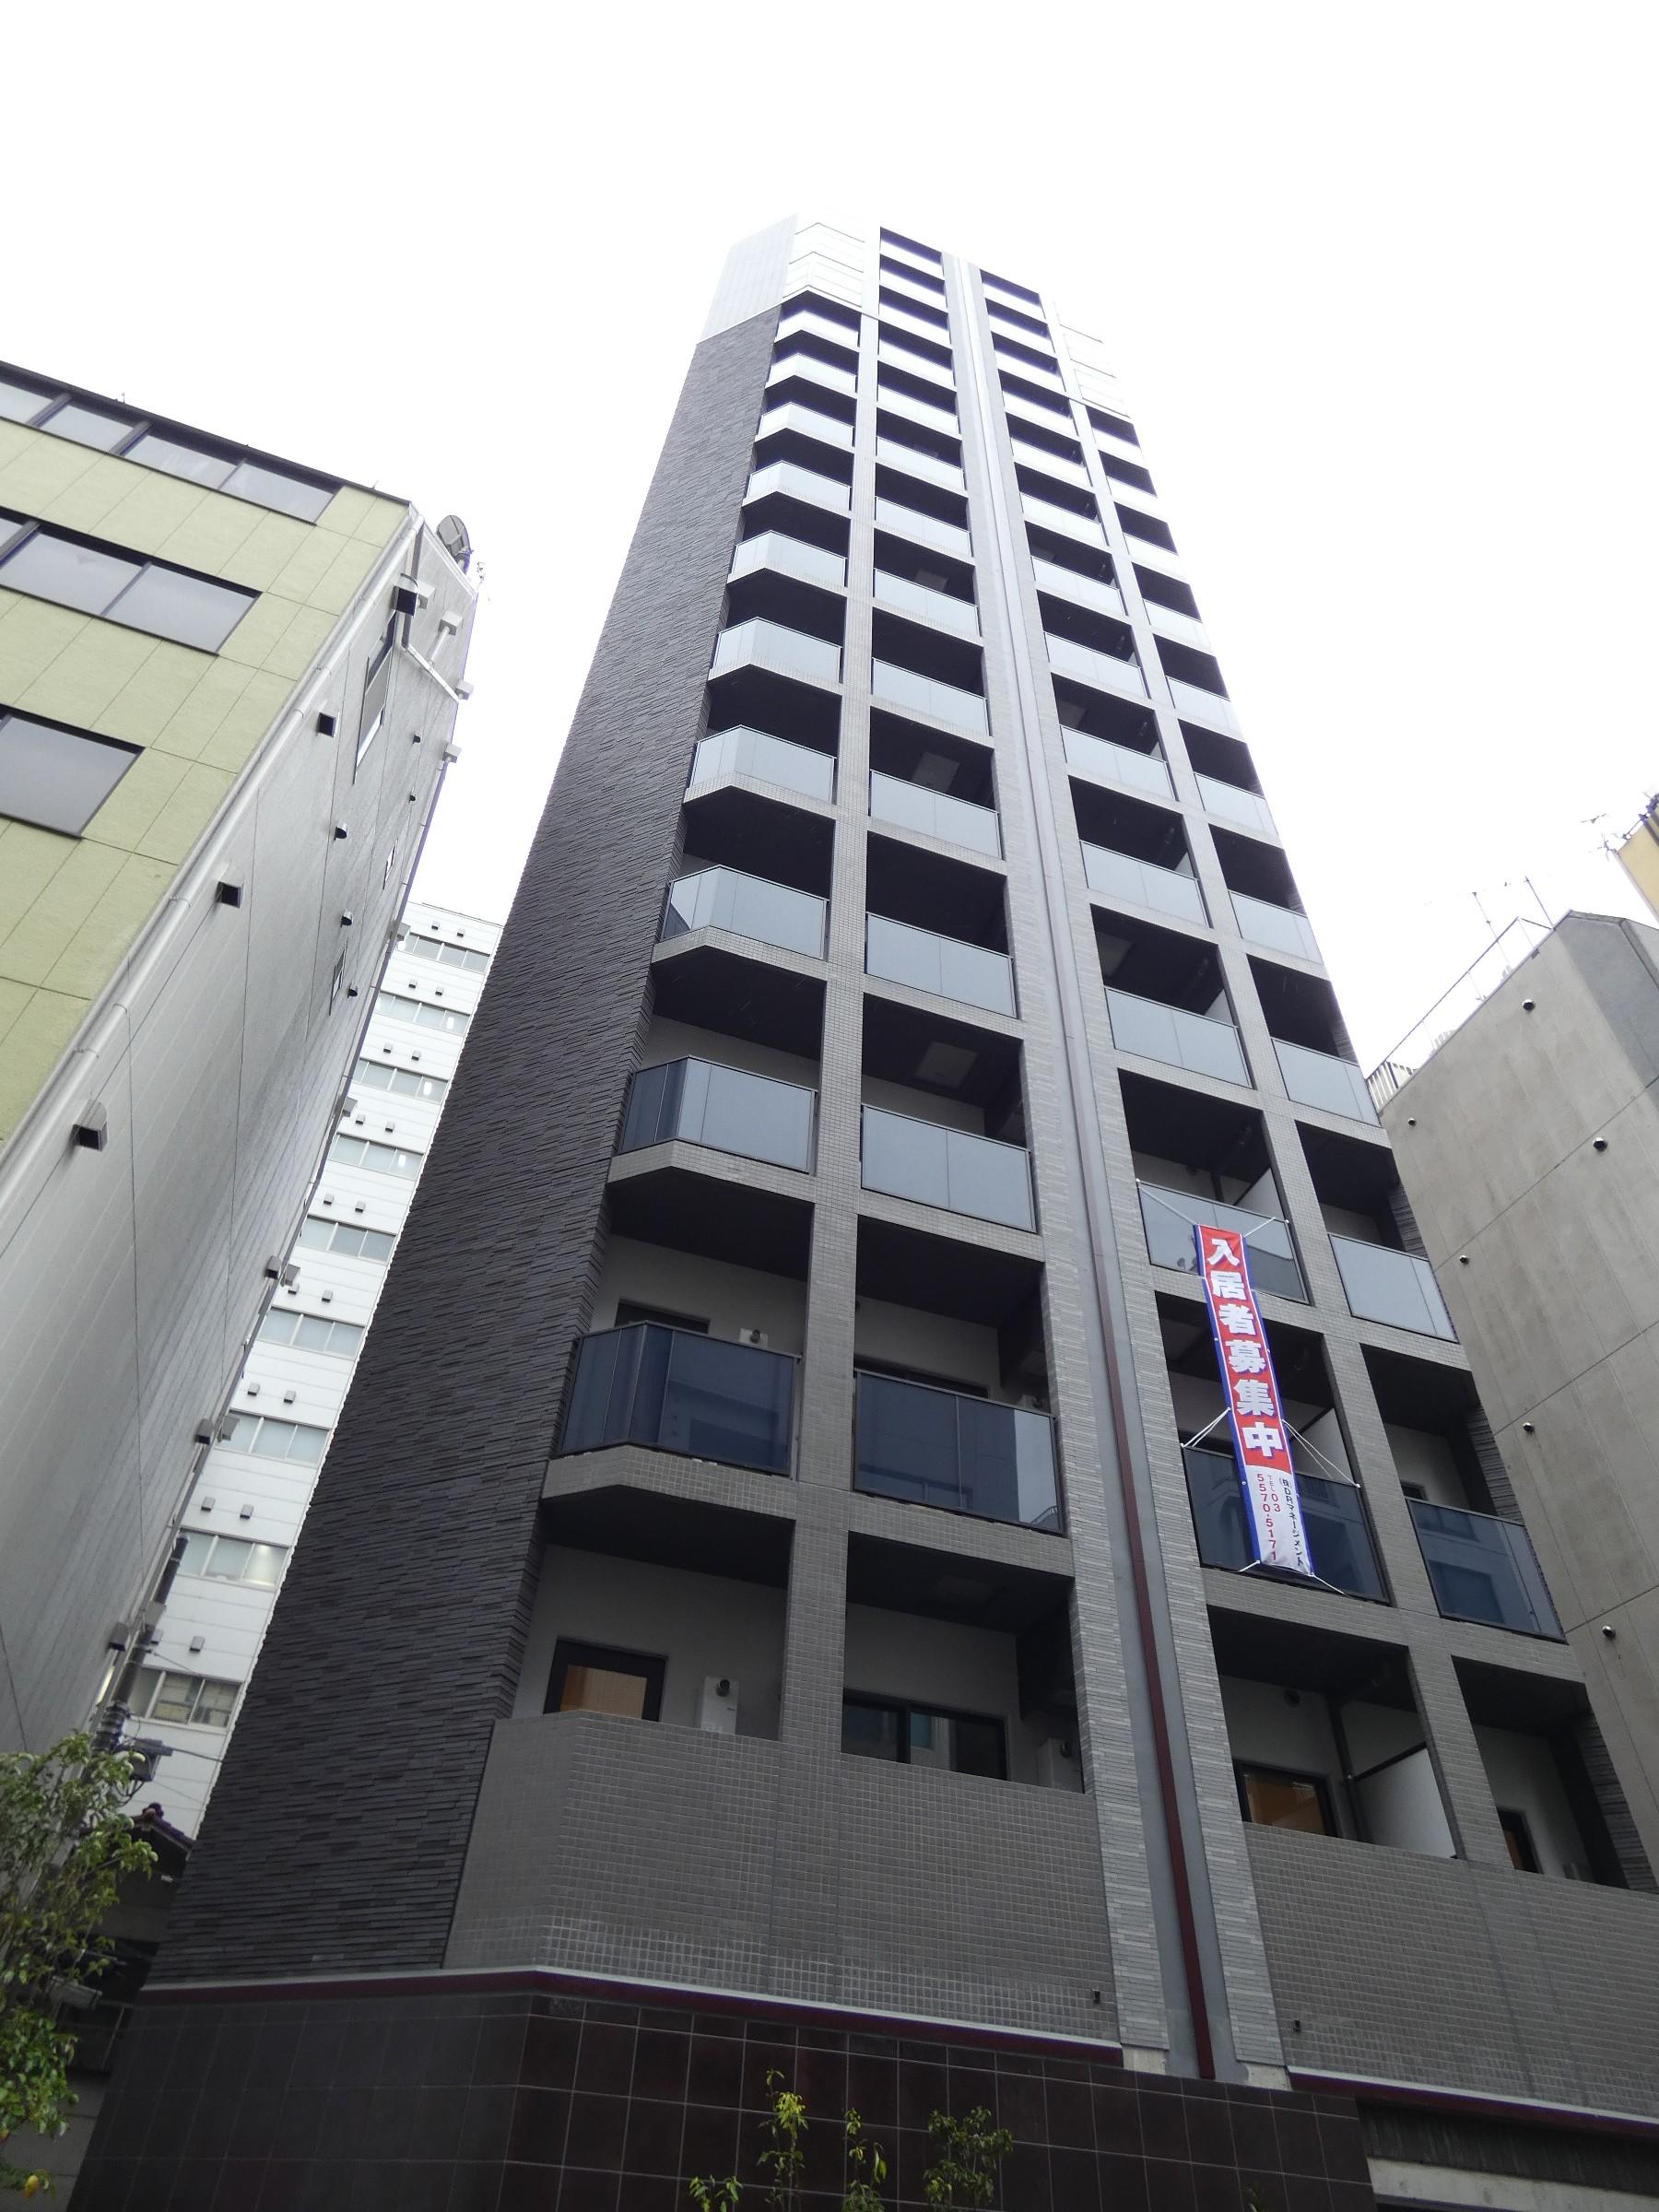 クレセント虎ノ門新橋の建物写真メイン1